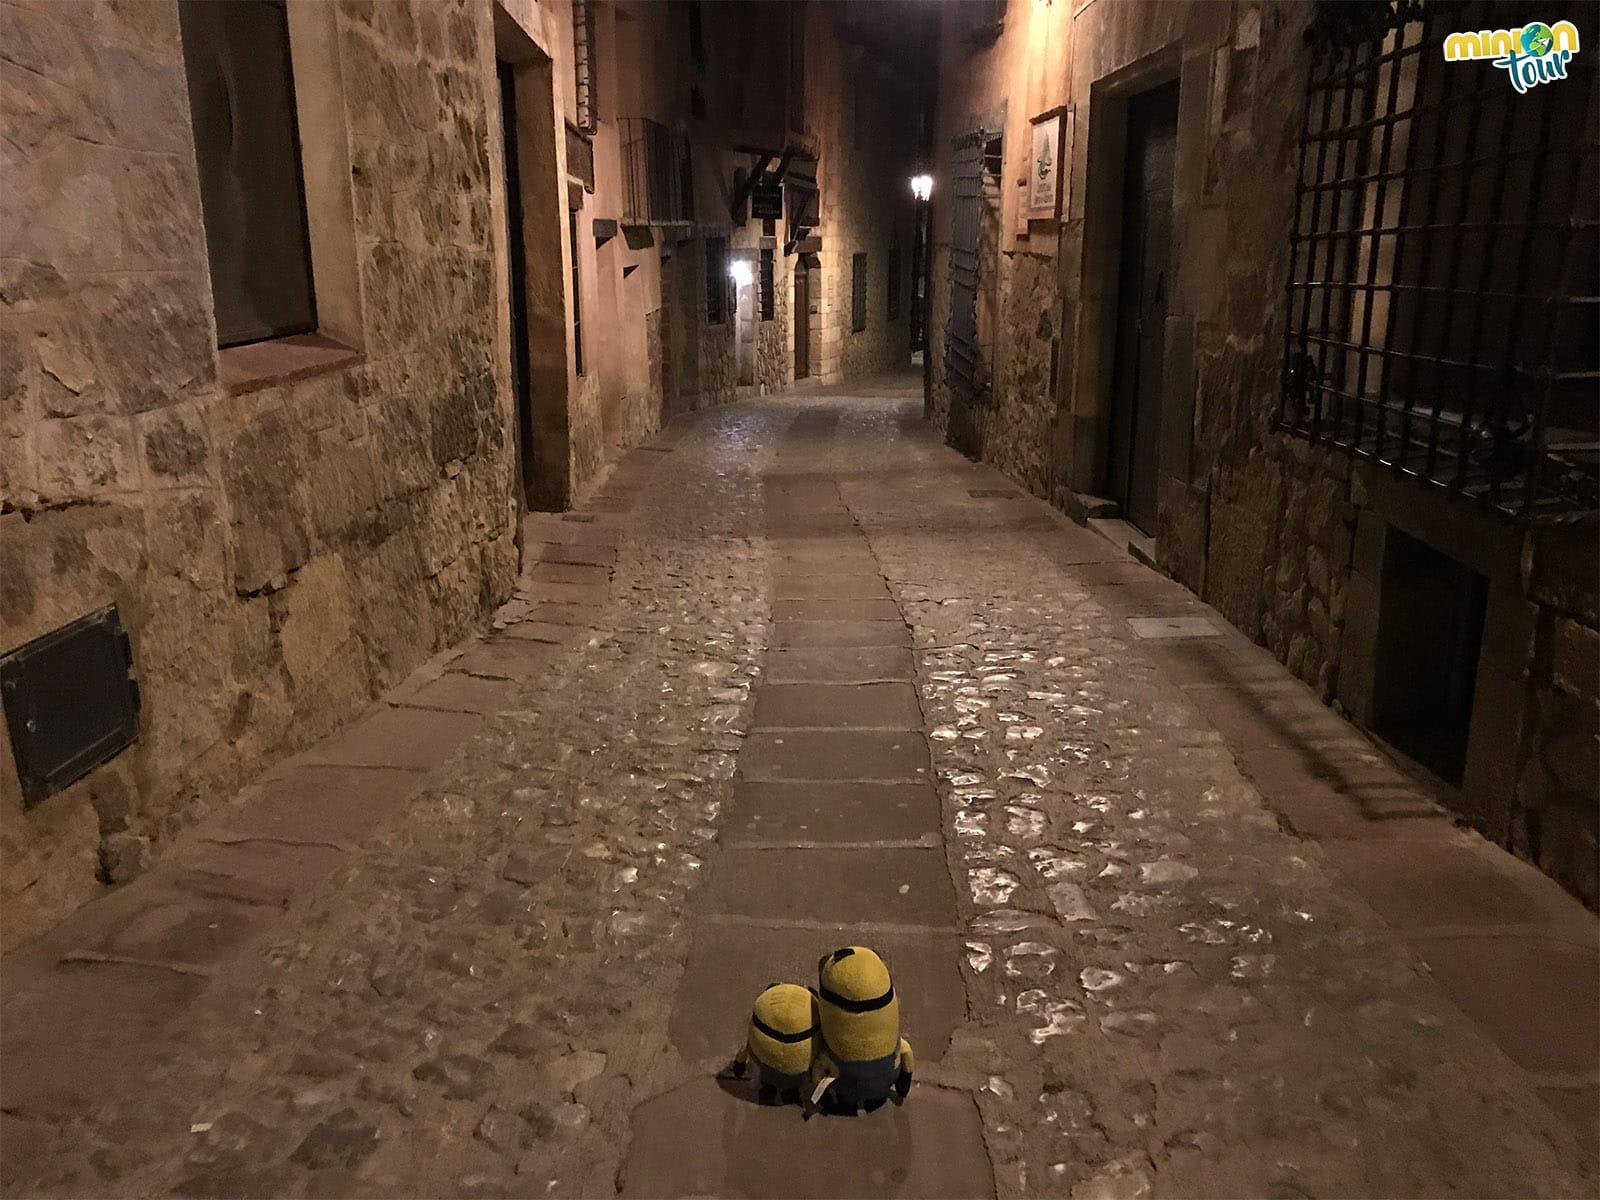 Una calle en la noche de Albarracín